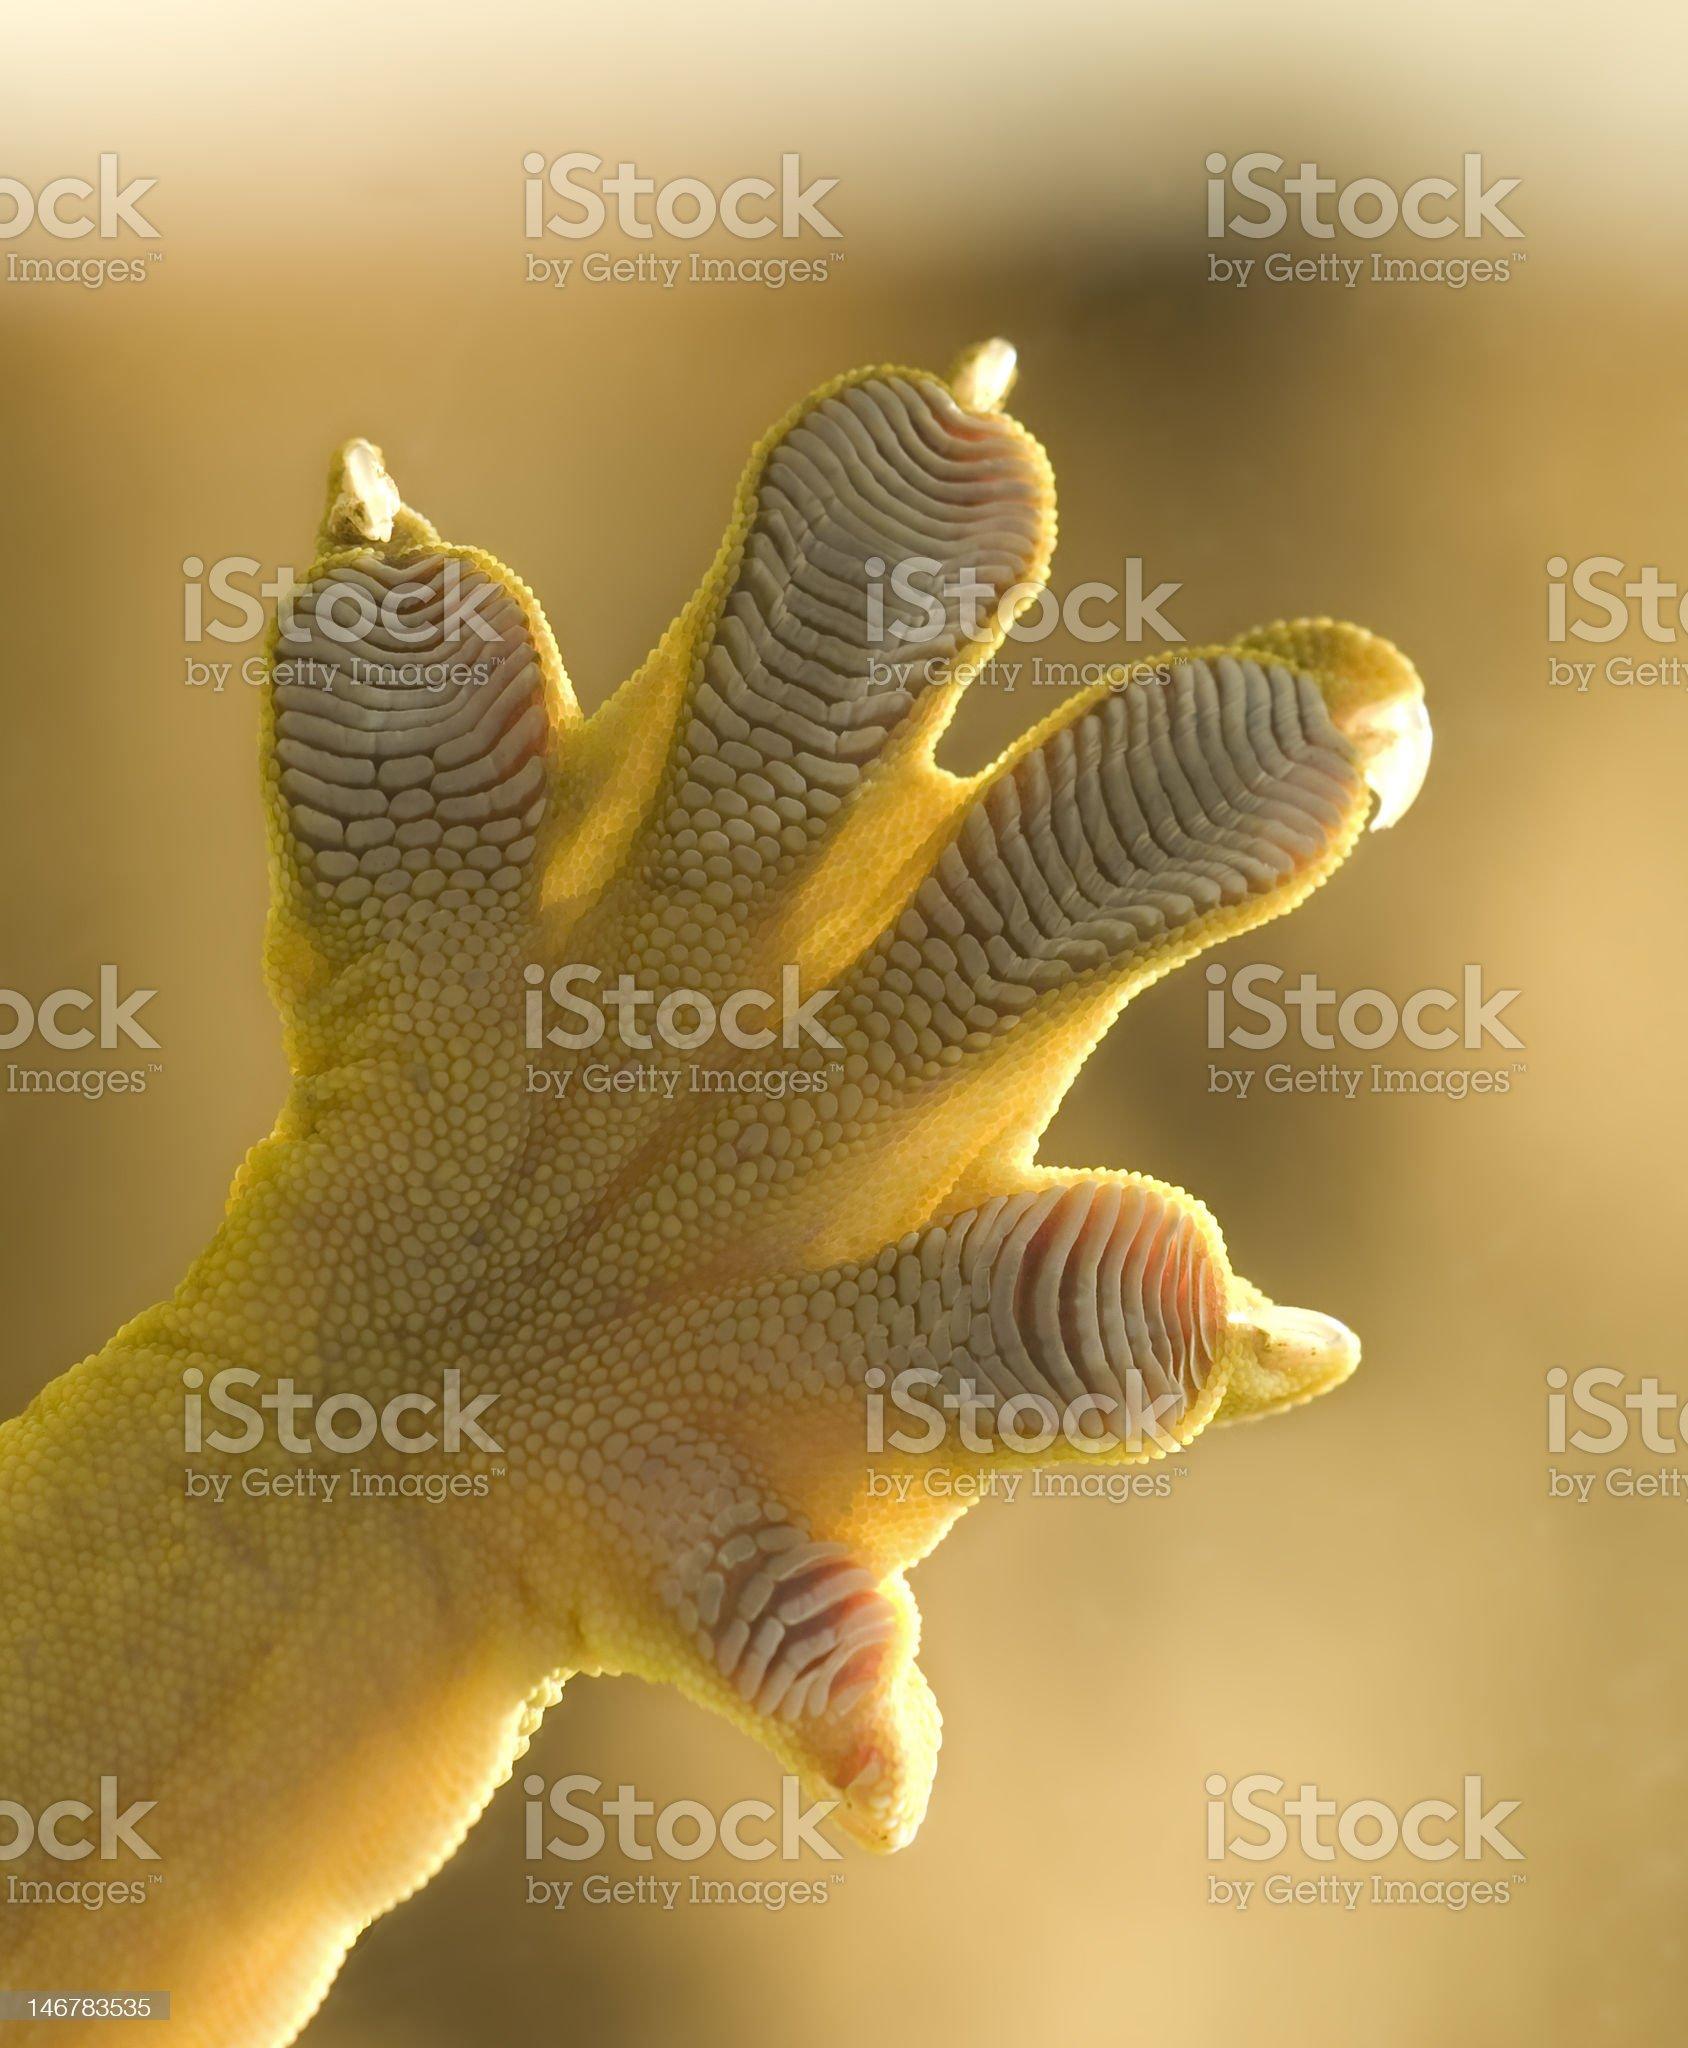 Giant Gecko royalty-free stock photo